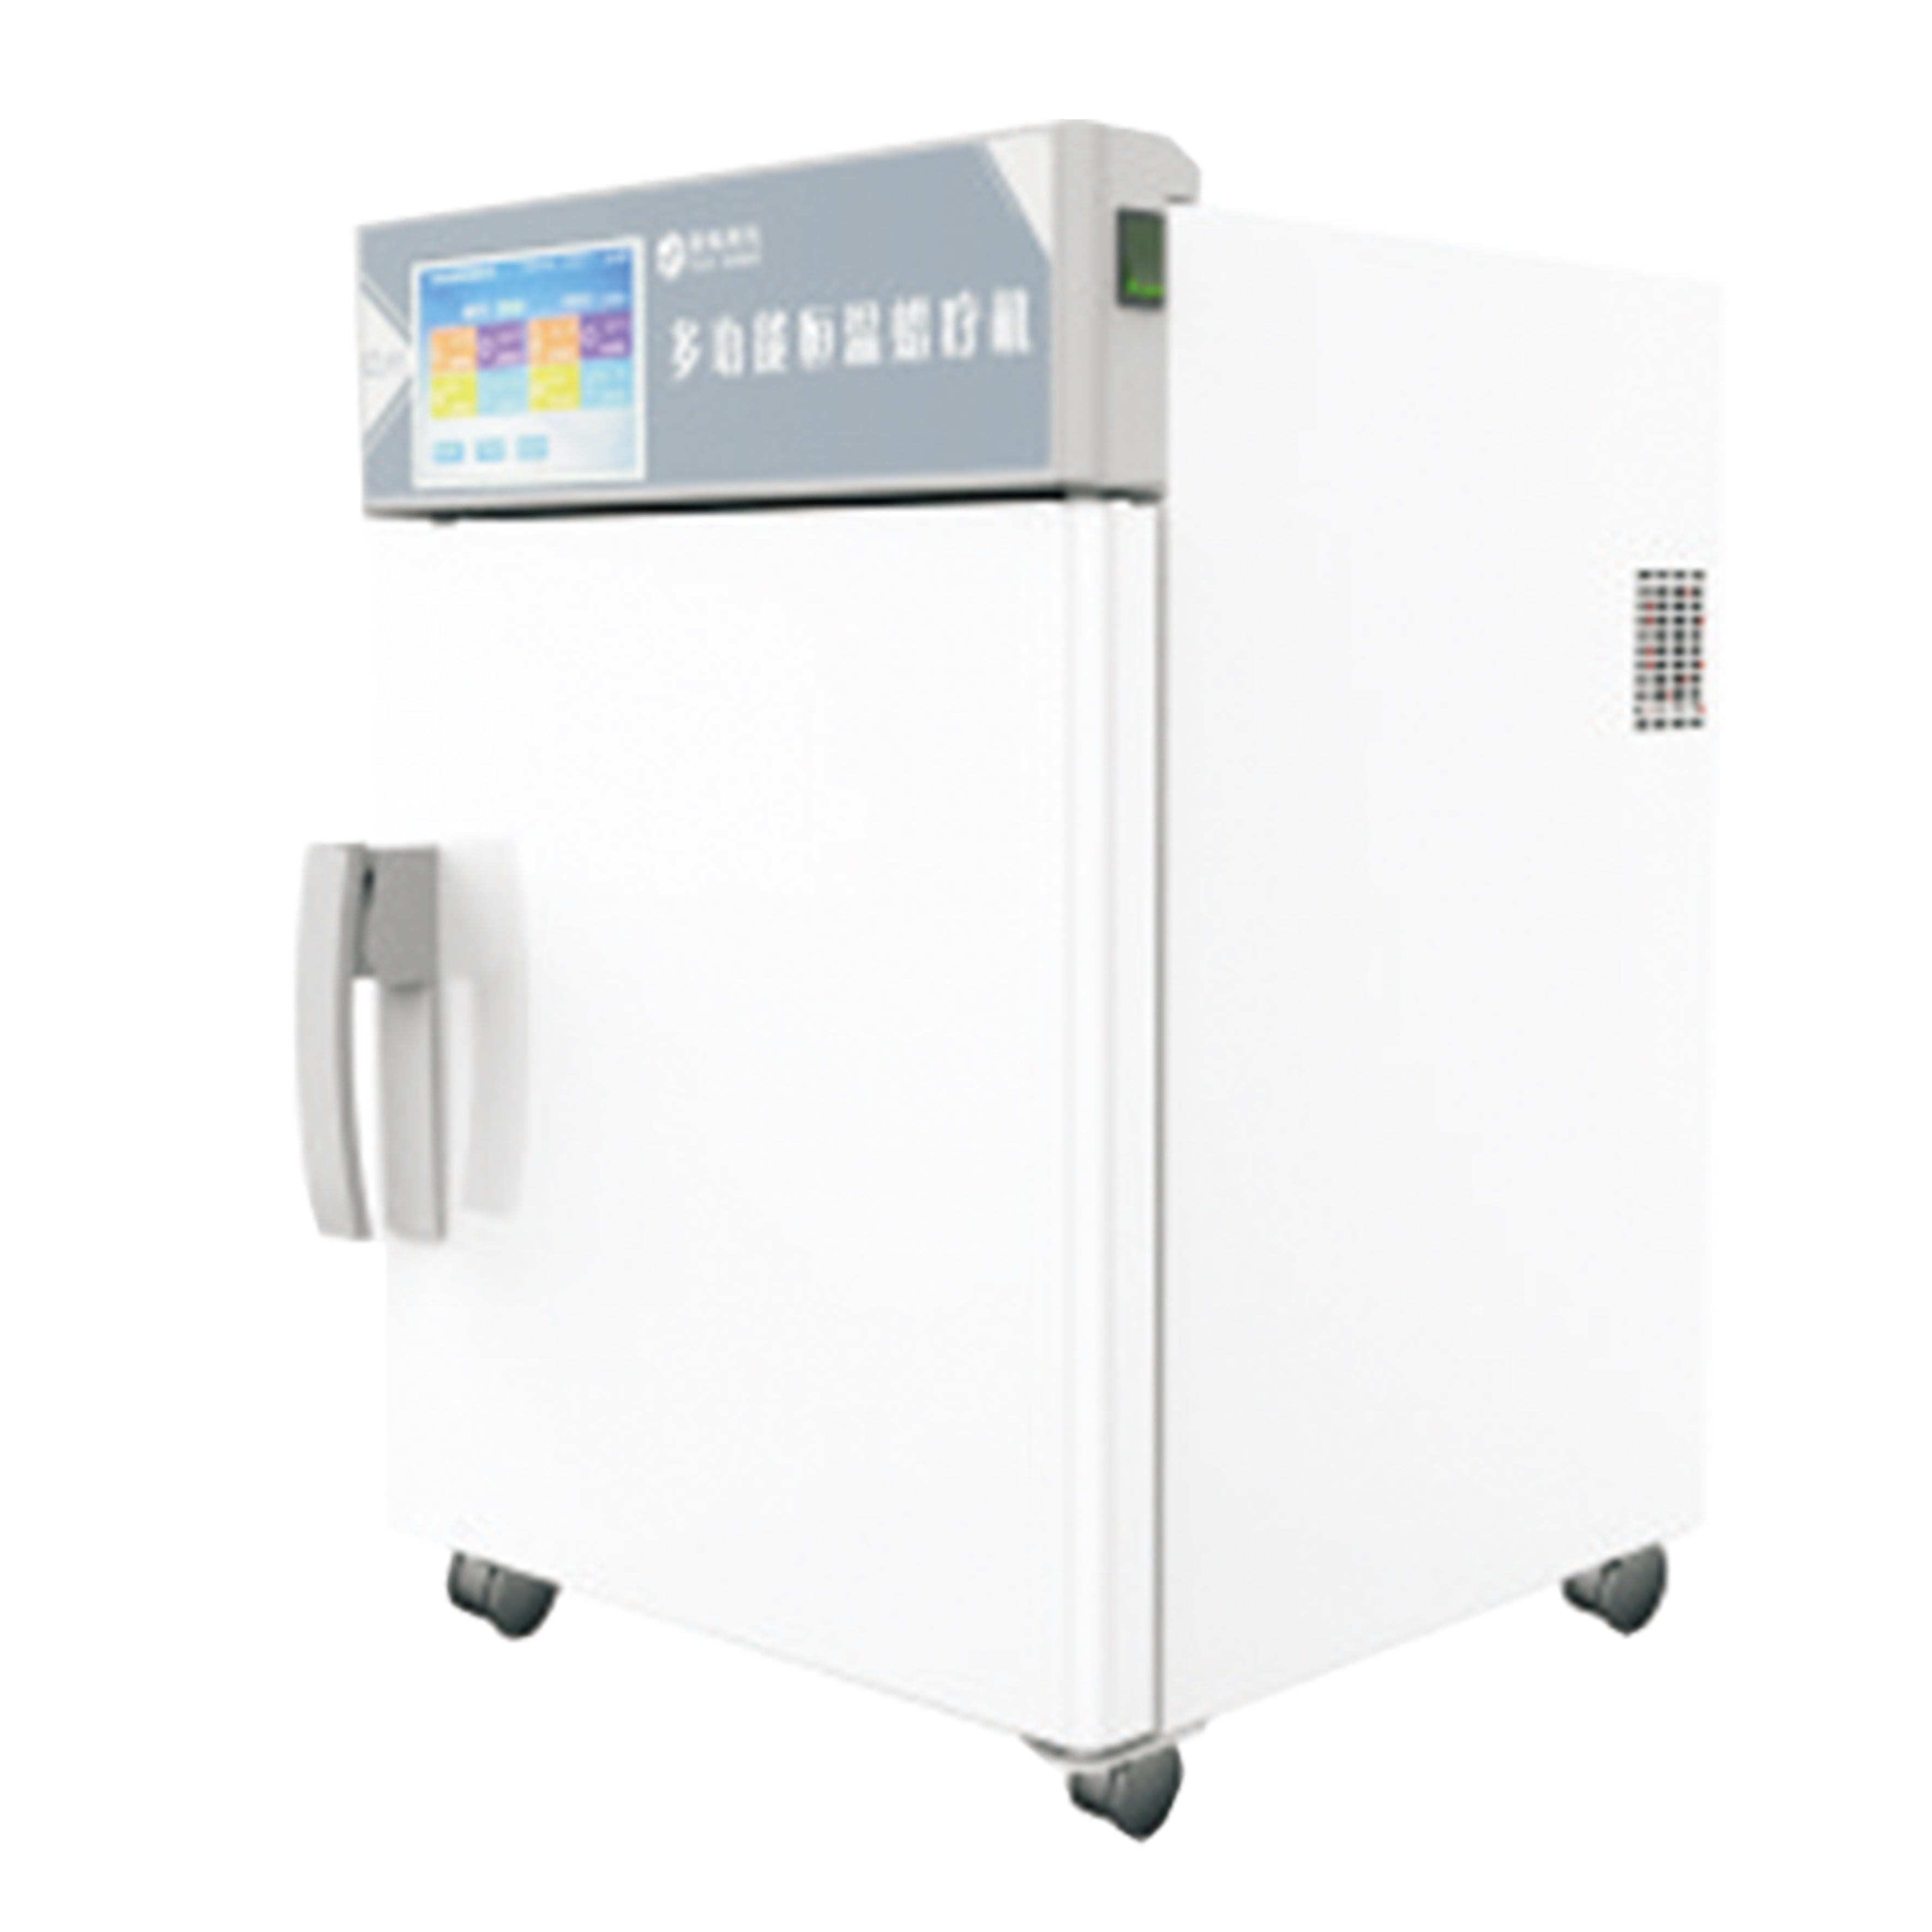 多功能恒溫蠟療機-上海語路醫療科技有限公司